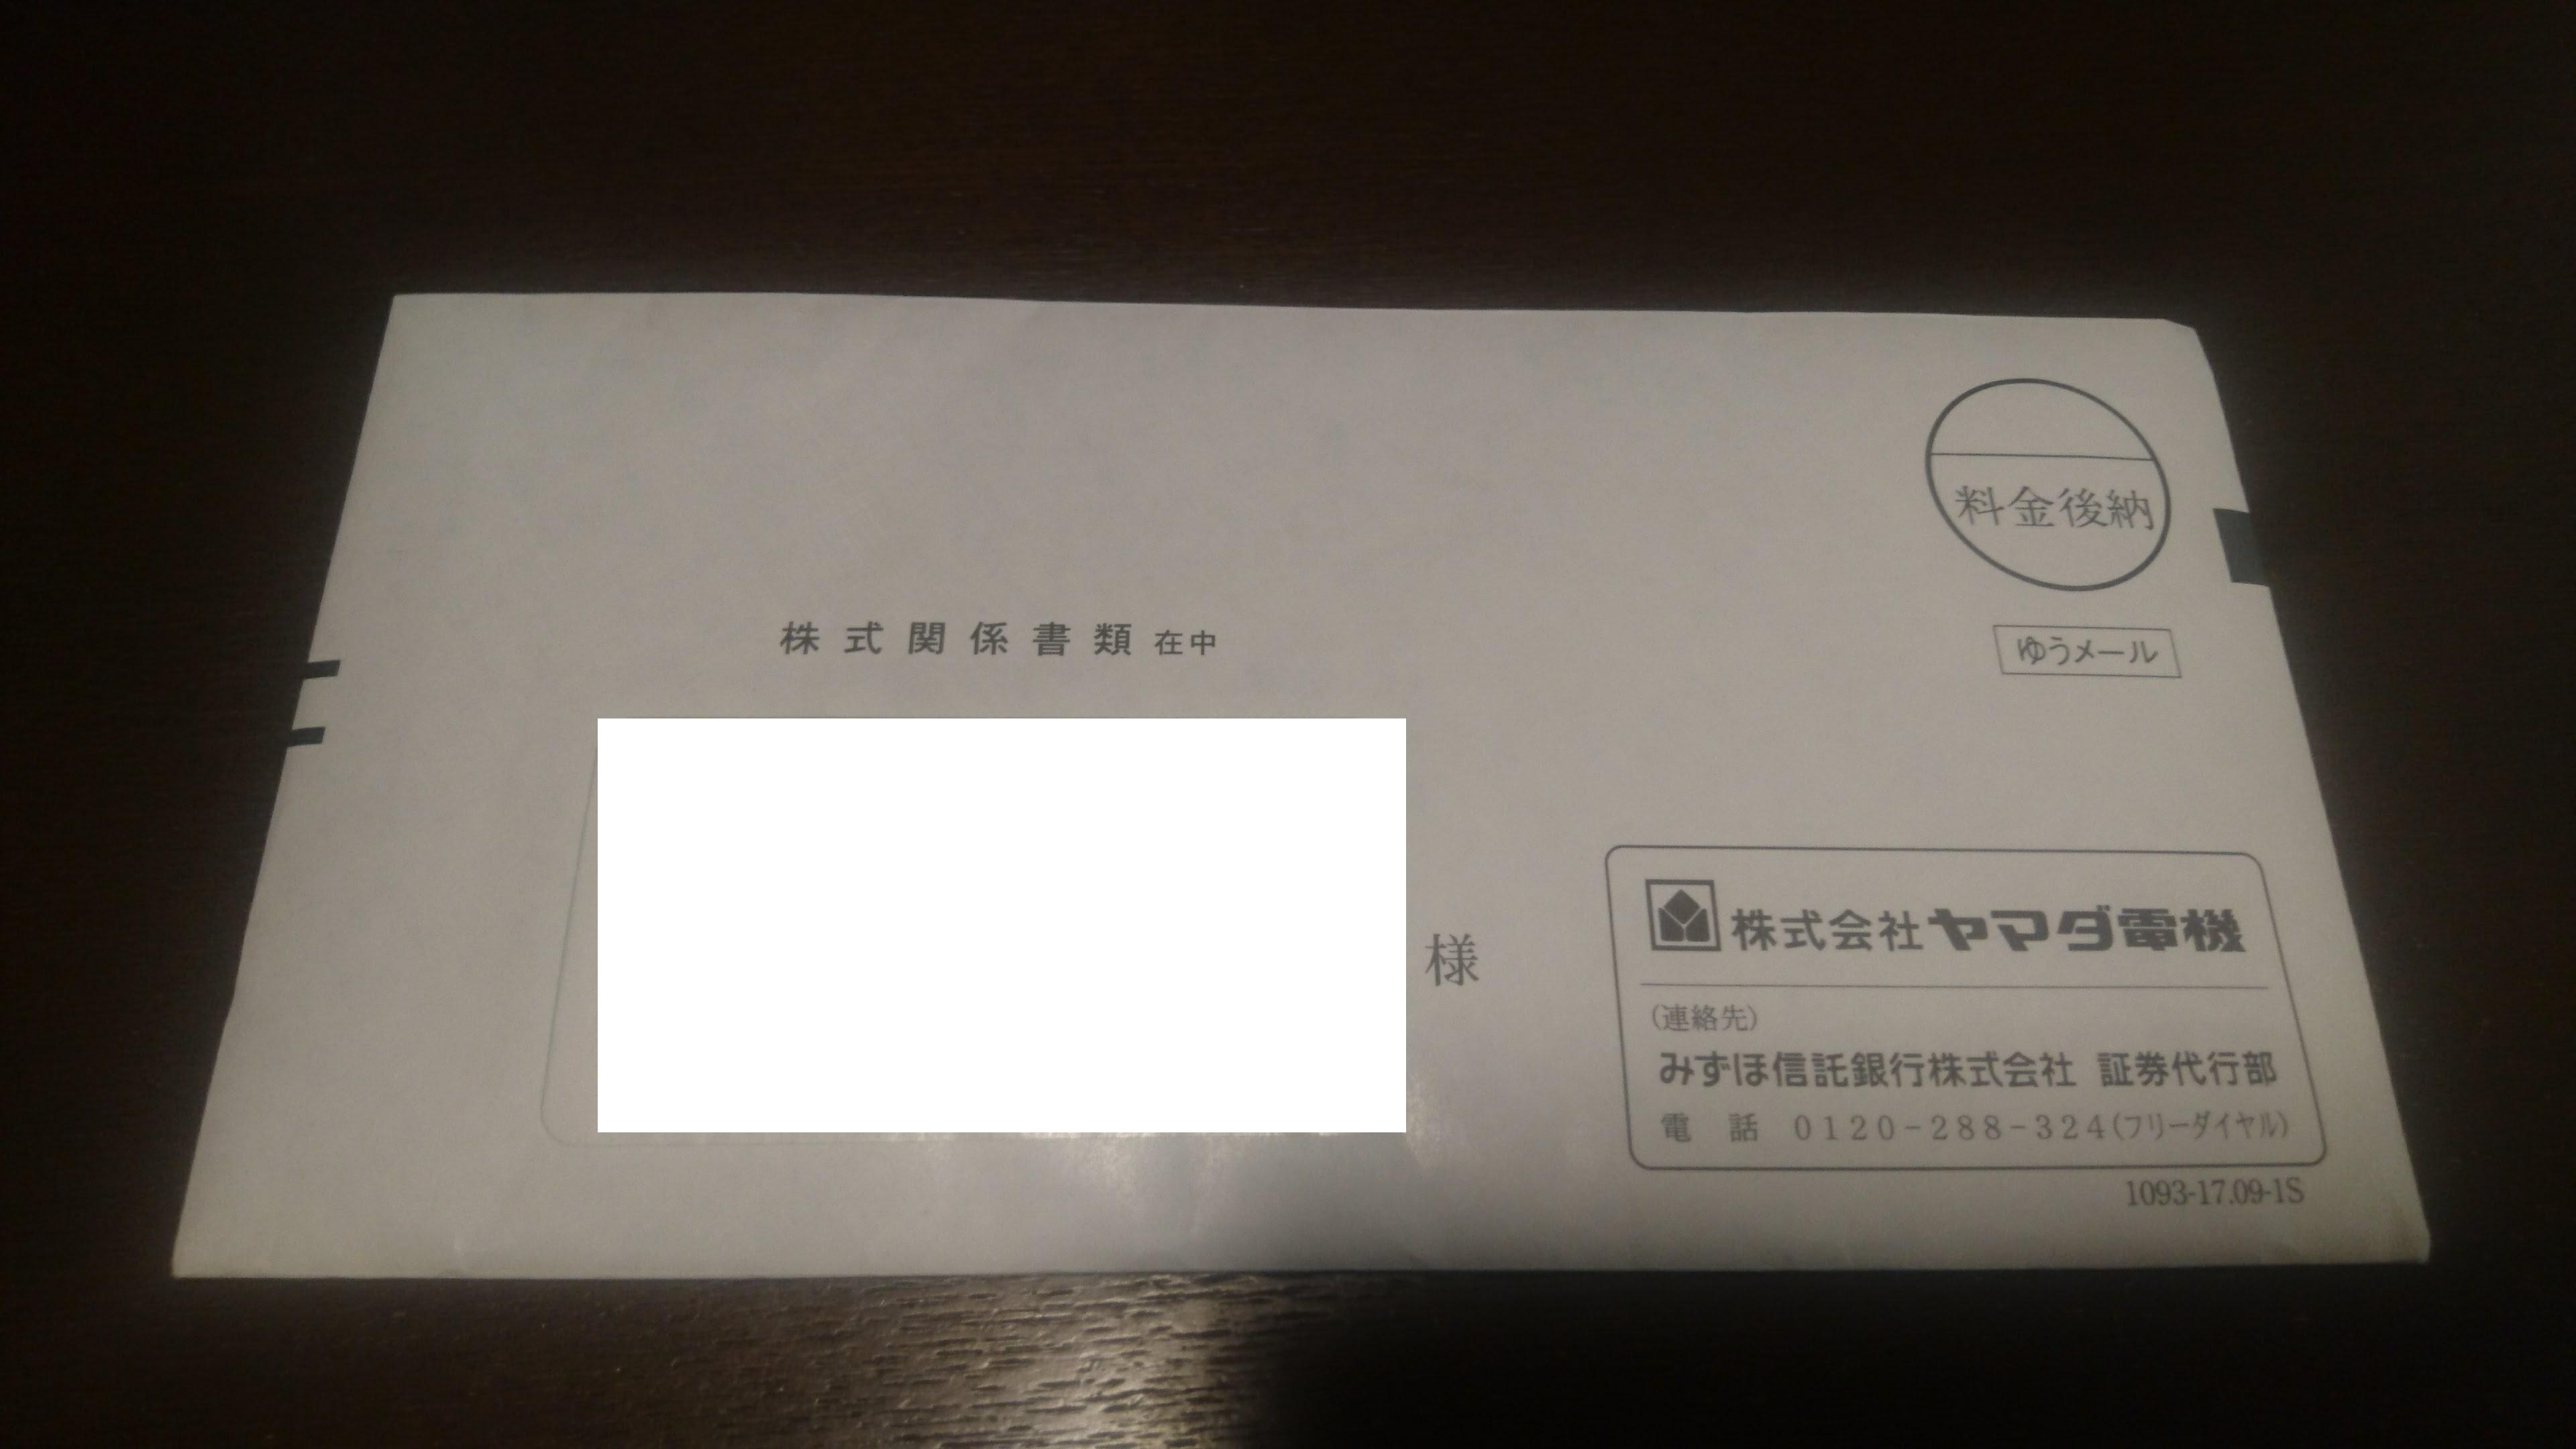 2017年12月12日(水)に郵便で到着